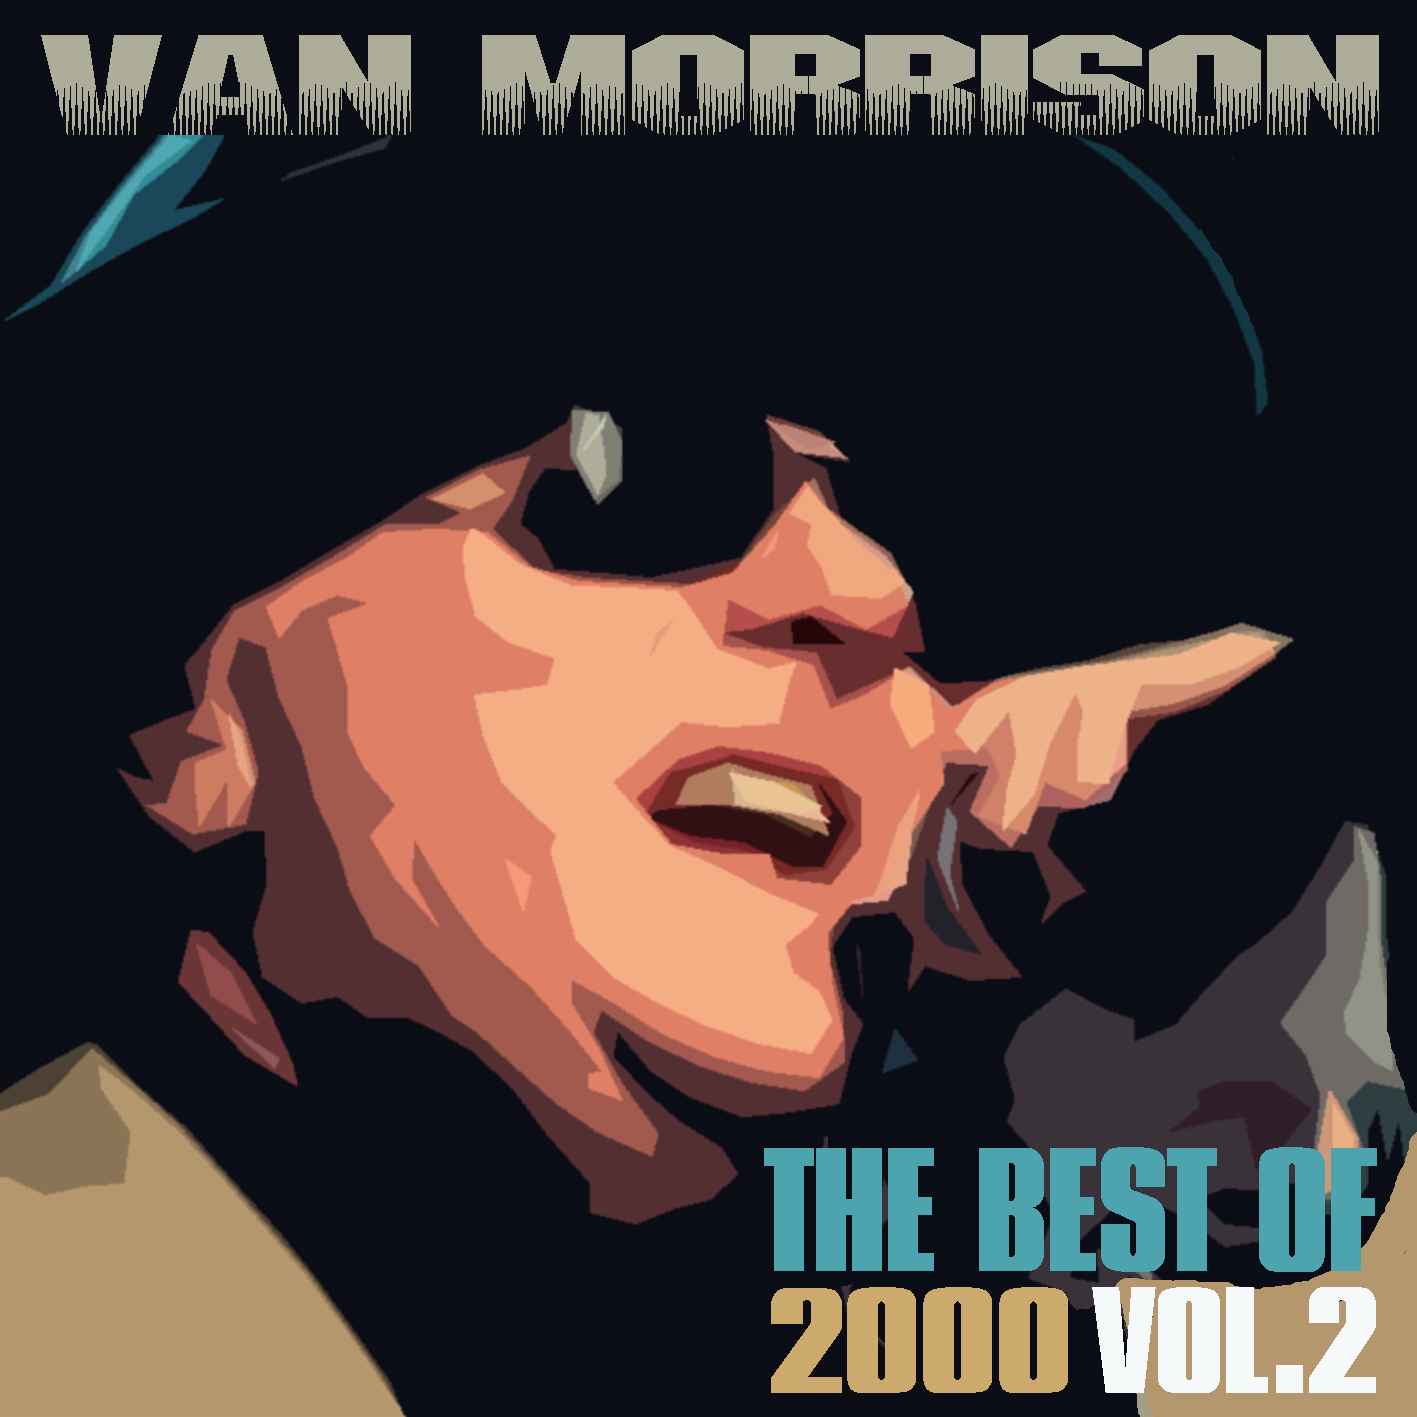 VanMorrison2000BestOfVol2_1.jpg